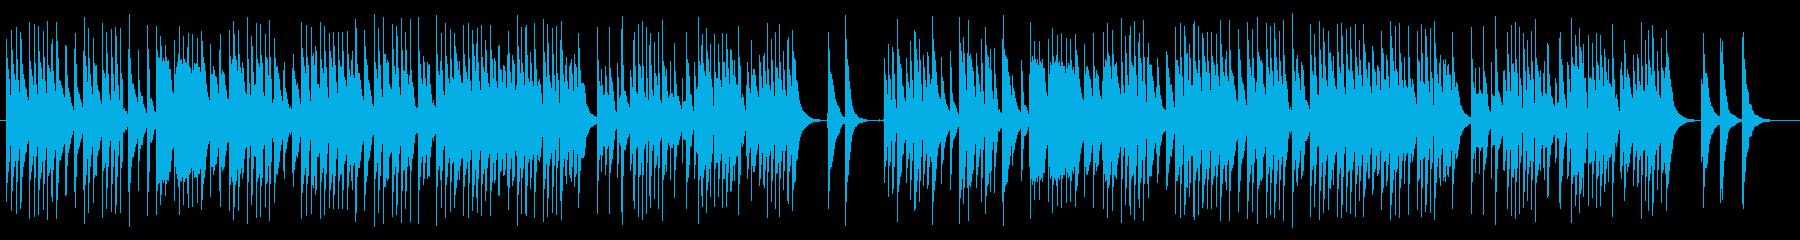 回想シーンに最適な和風テイストの曲の再生済みの波形